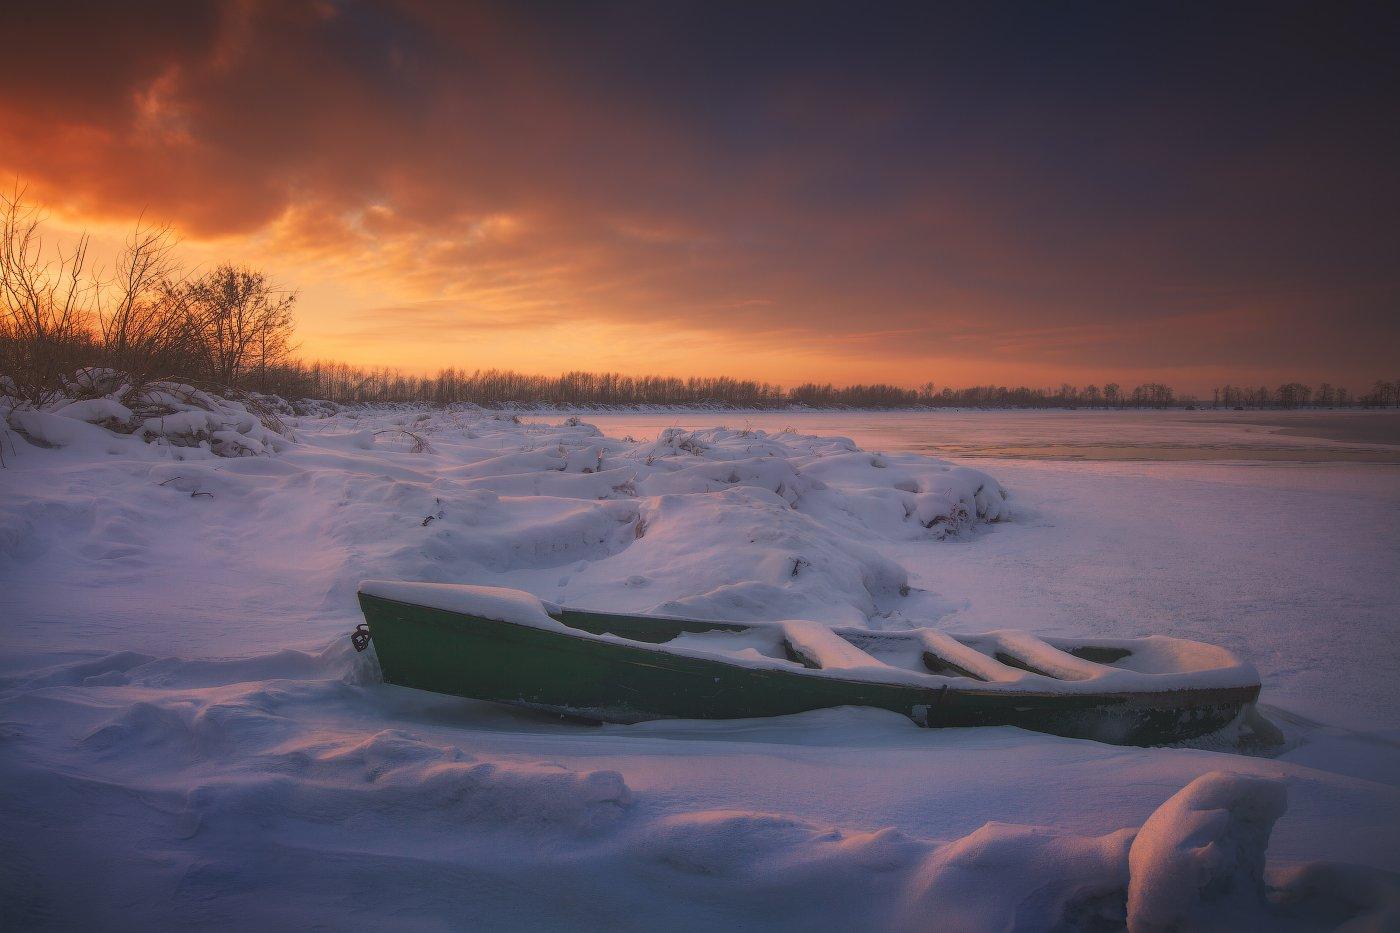 Закат, Зима, Лодка, Озеро, Снег, Шатура, Андрей Уляшев (Mercand)